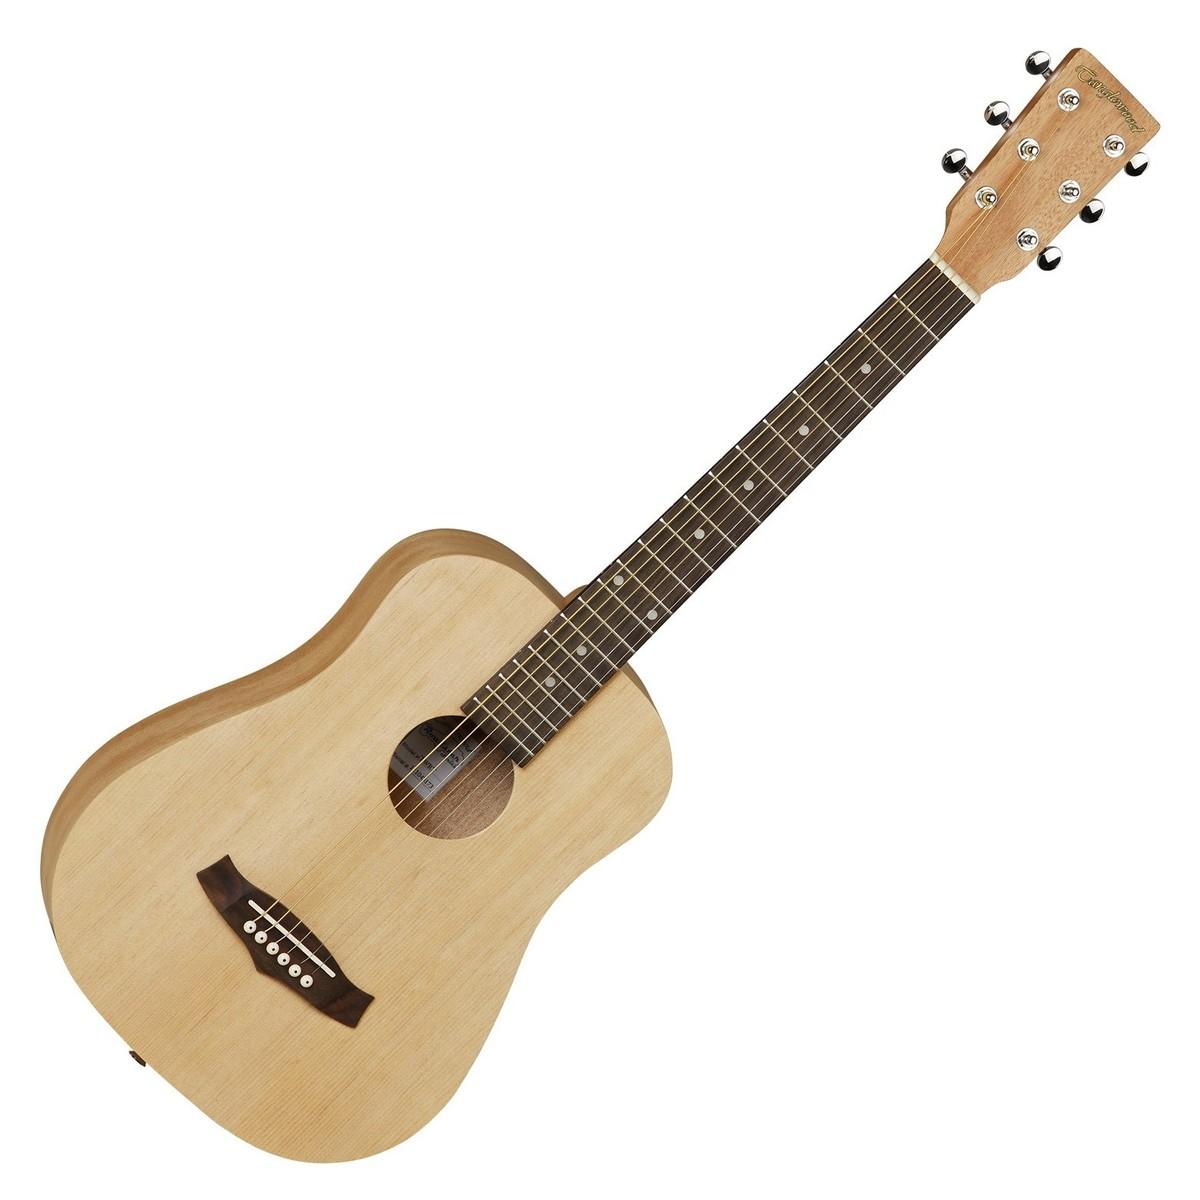 tanglewood roadster series guitare acoustique folk de. Black Bedroom Furniture Sets. Home Design Ideas